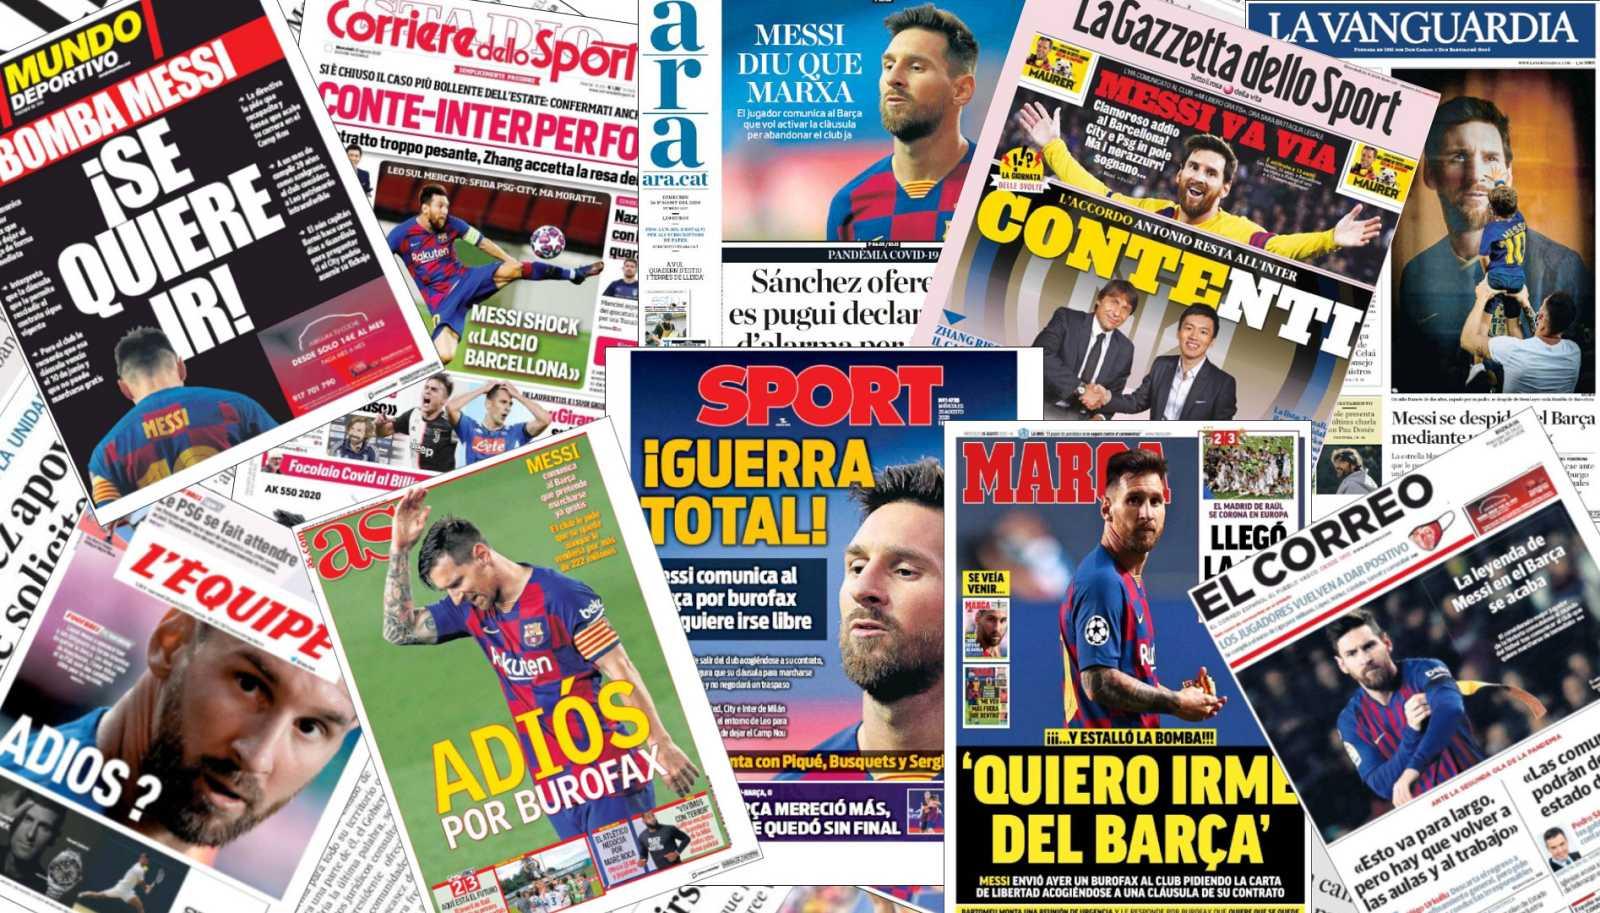 El mensaje de Messi al Barça sacudió las redacciones de medio mundo